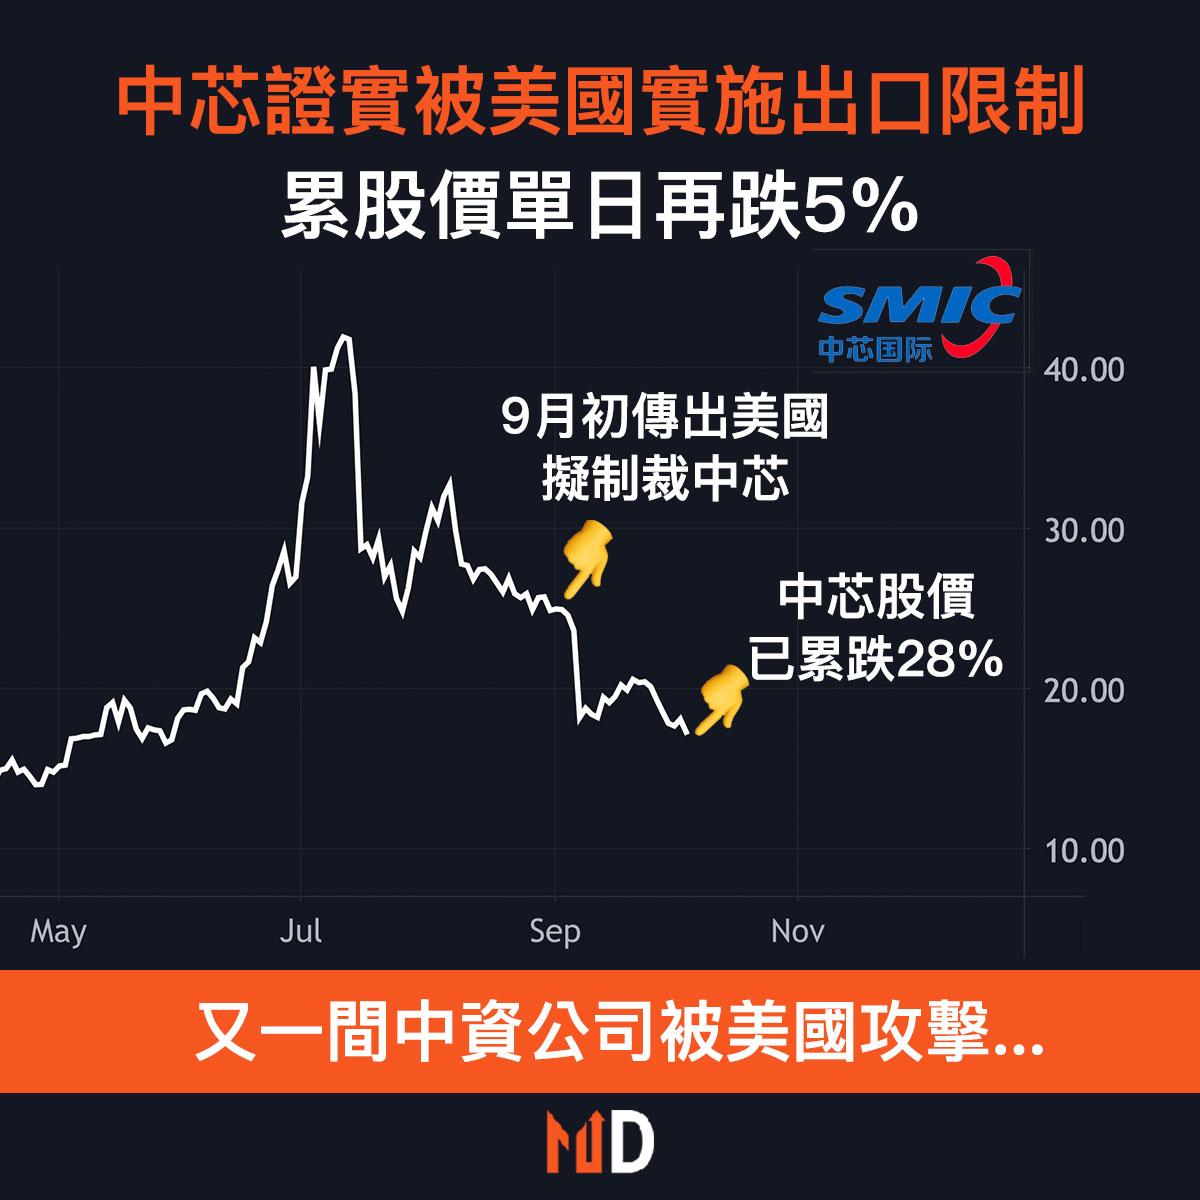 【中芯事件】中芯證實被美國實施出口限制,累股價單日再跌5%